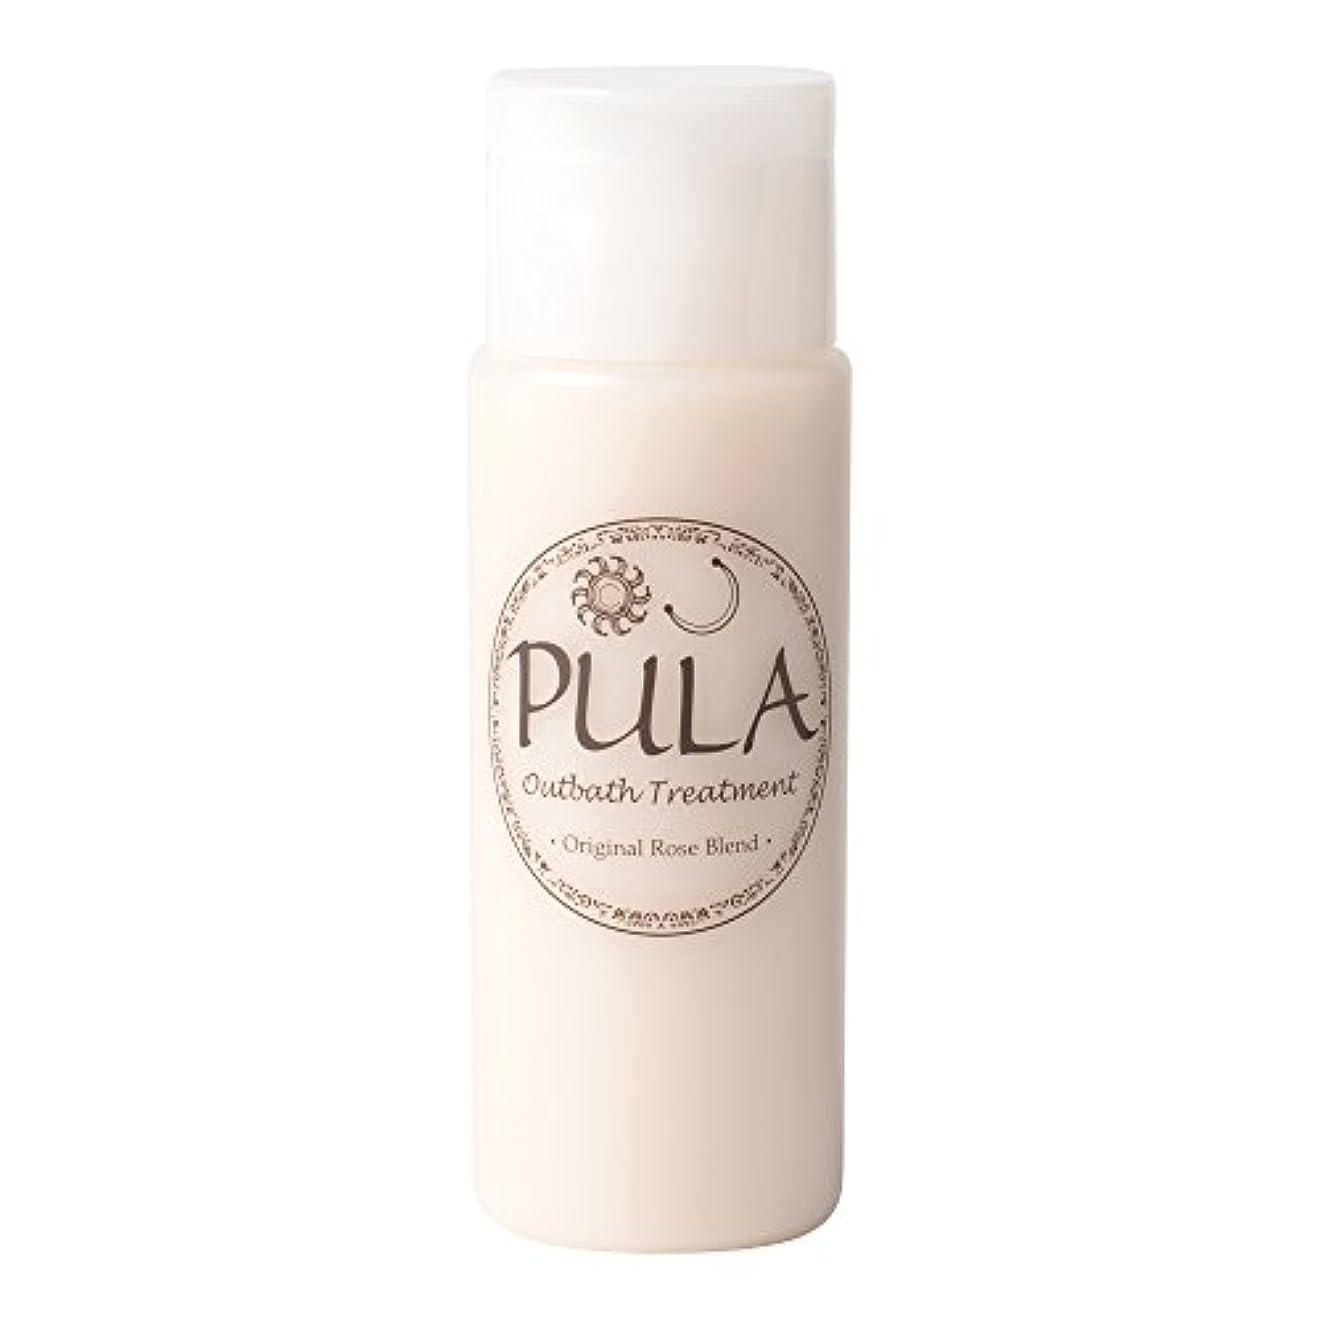 不忠むさぼり食う偽装するプーラ アウトバストリートメント 150mL 【ローズの香り】洗い流さないタイプのトリートメント  ヘッドスパ専門店 PULA